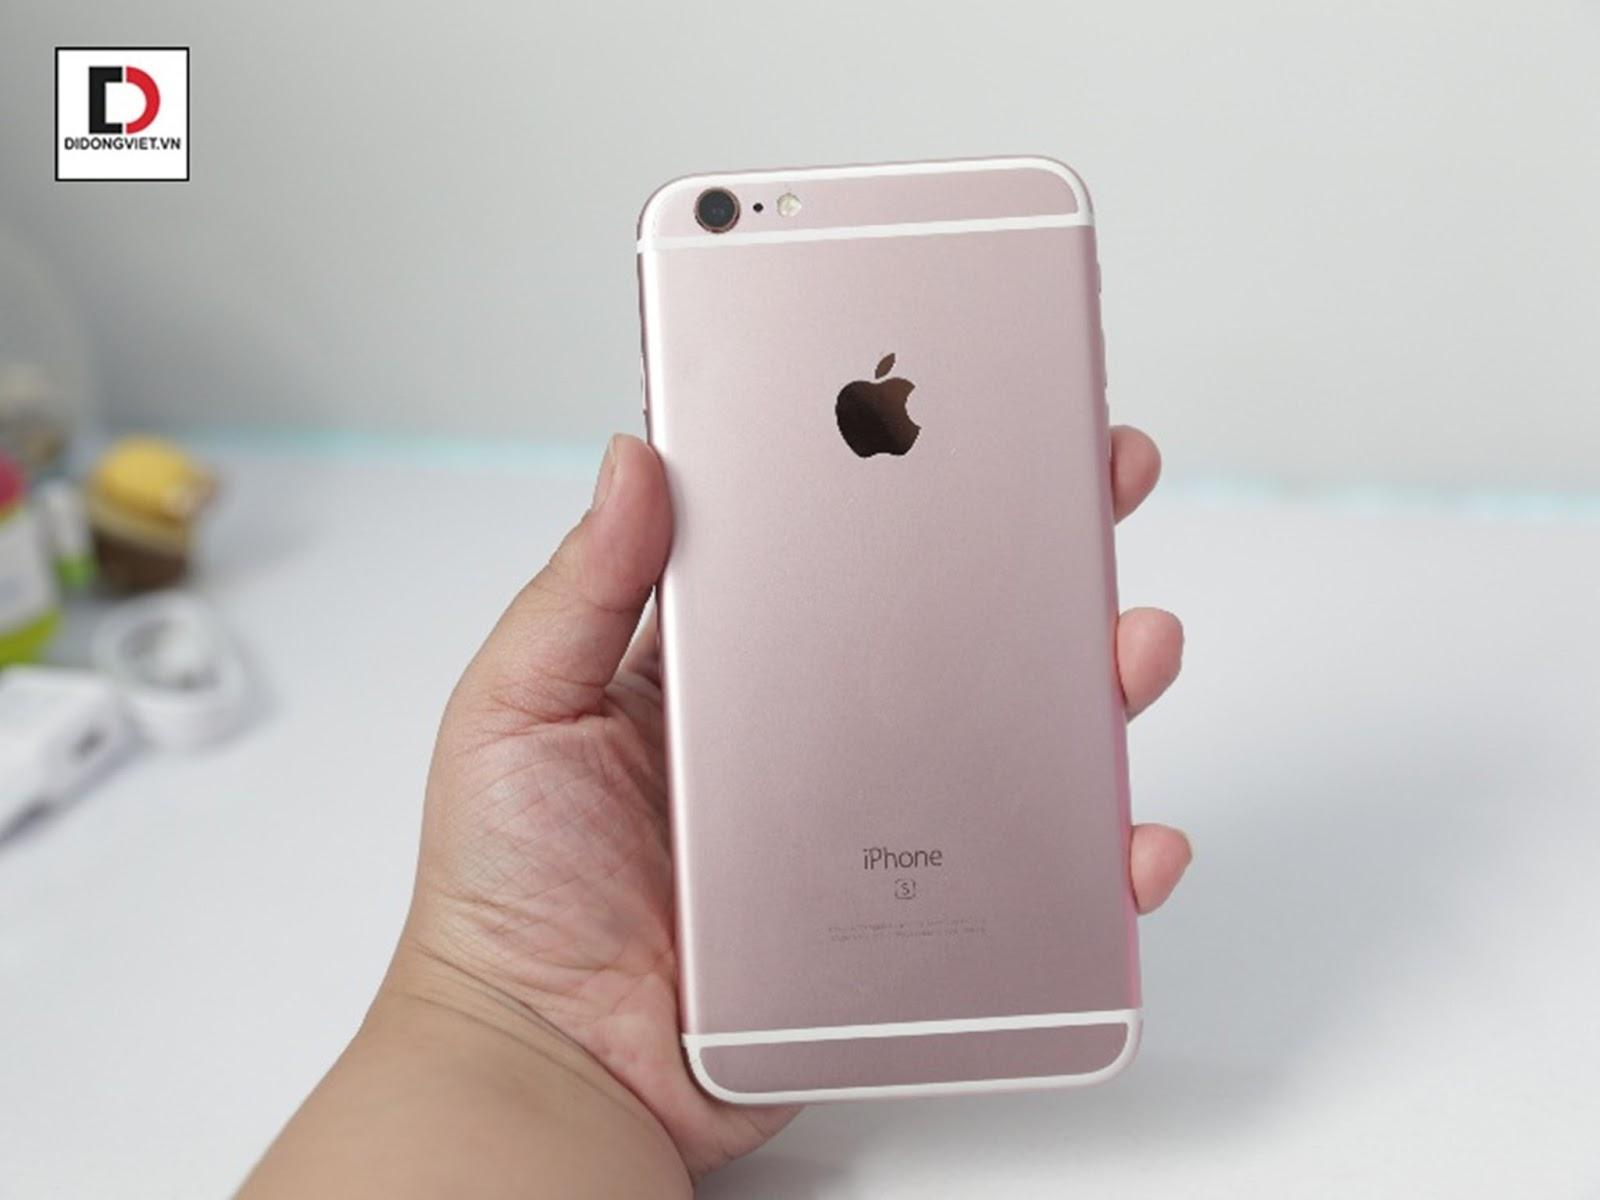 Hình ảnh thực tế iPhone 6 quốc tế cũ mới giá tốt nhất tại hệ thống cửa hàng Di Động Việt :